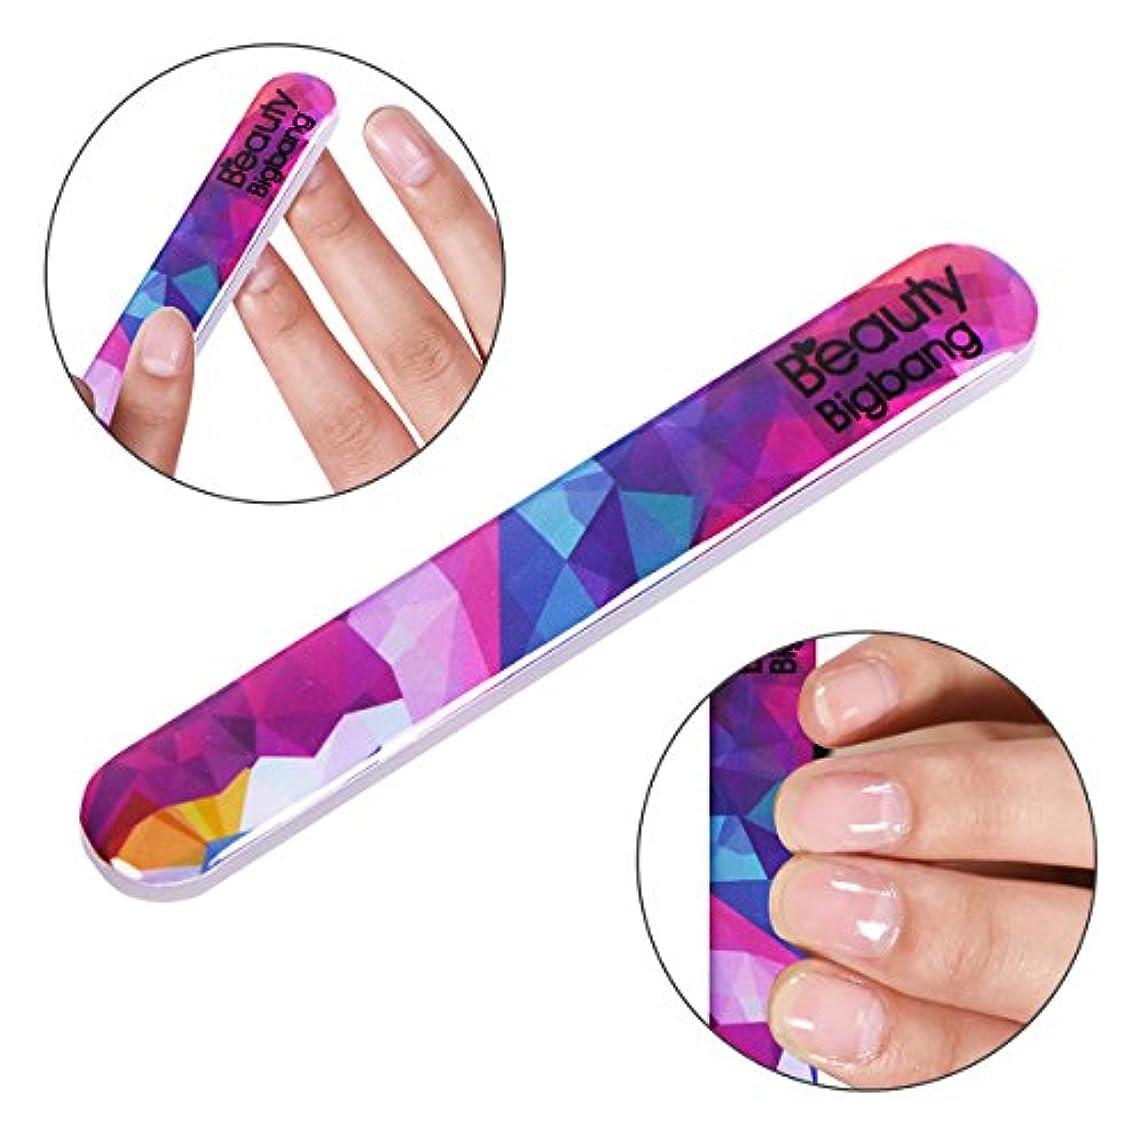 酸度実質的確かめるAMAA ネイルシャイナー ヌードネイル 爪やすり 爪磨き ガラス ネイルファイル ピカピカ ネイルケア